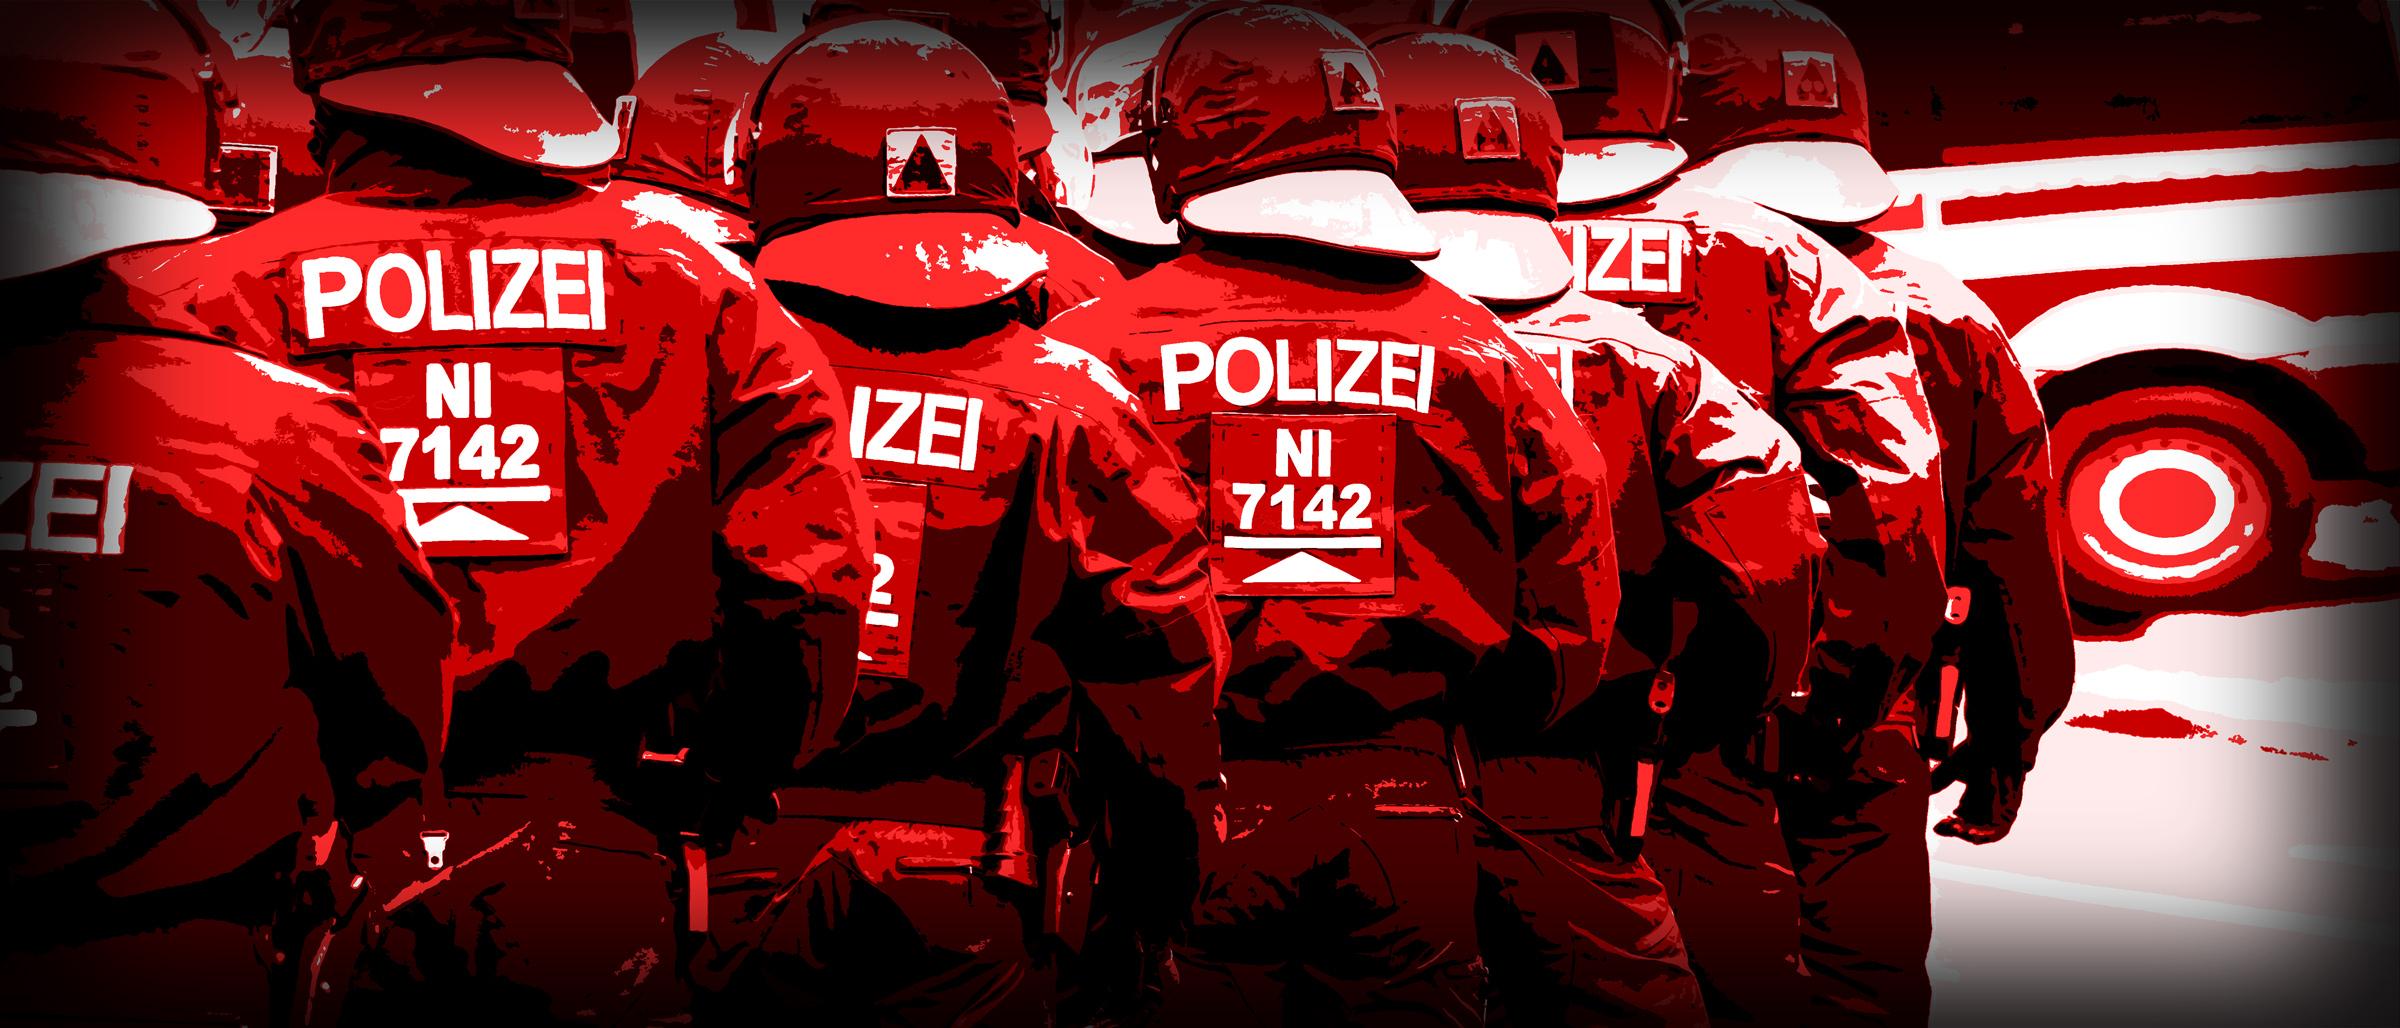 NSU 2.0: Braune Reviere, braune Kasernen? <br>  <span id='sec-title'>Von Schattenarmeen und paramilitärischen Einheiten</span>